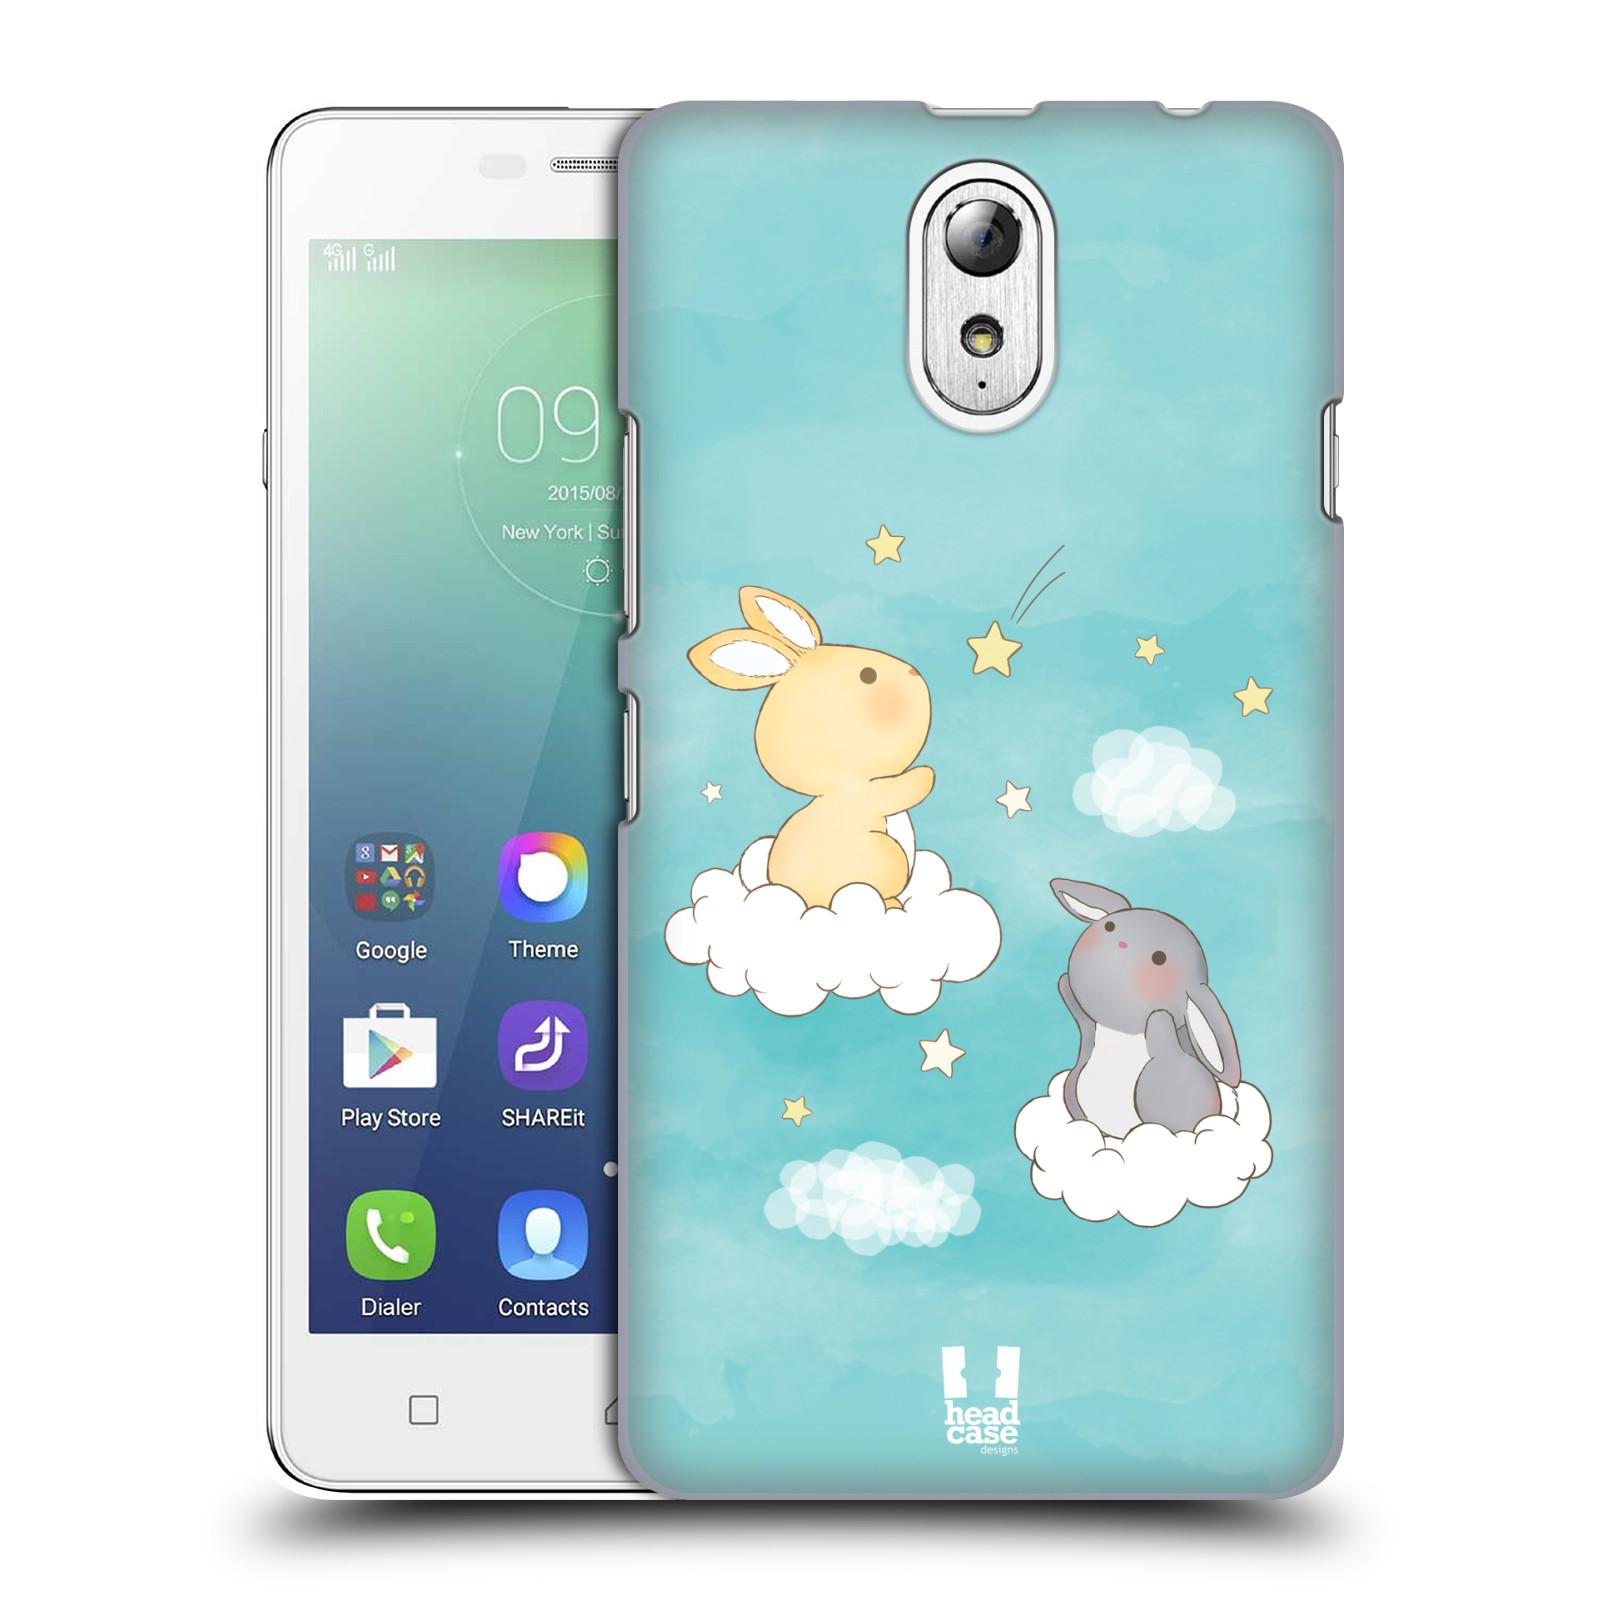 HEAD CASE pevný plastový obal na mobil LENOVO VIBE P1m / LENOVO VIBE p1m DUAL SIM vzor králíček a hvězdy modrá